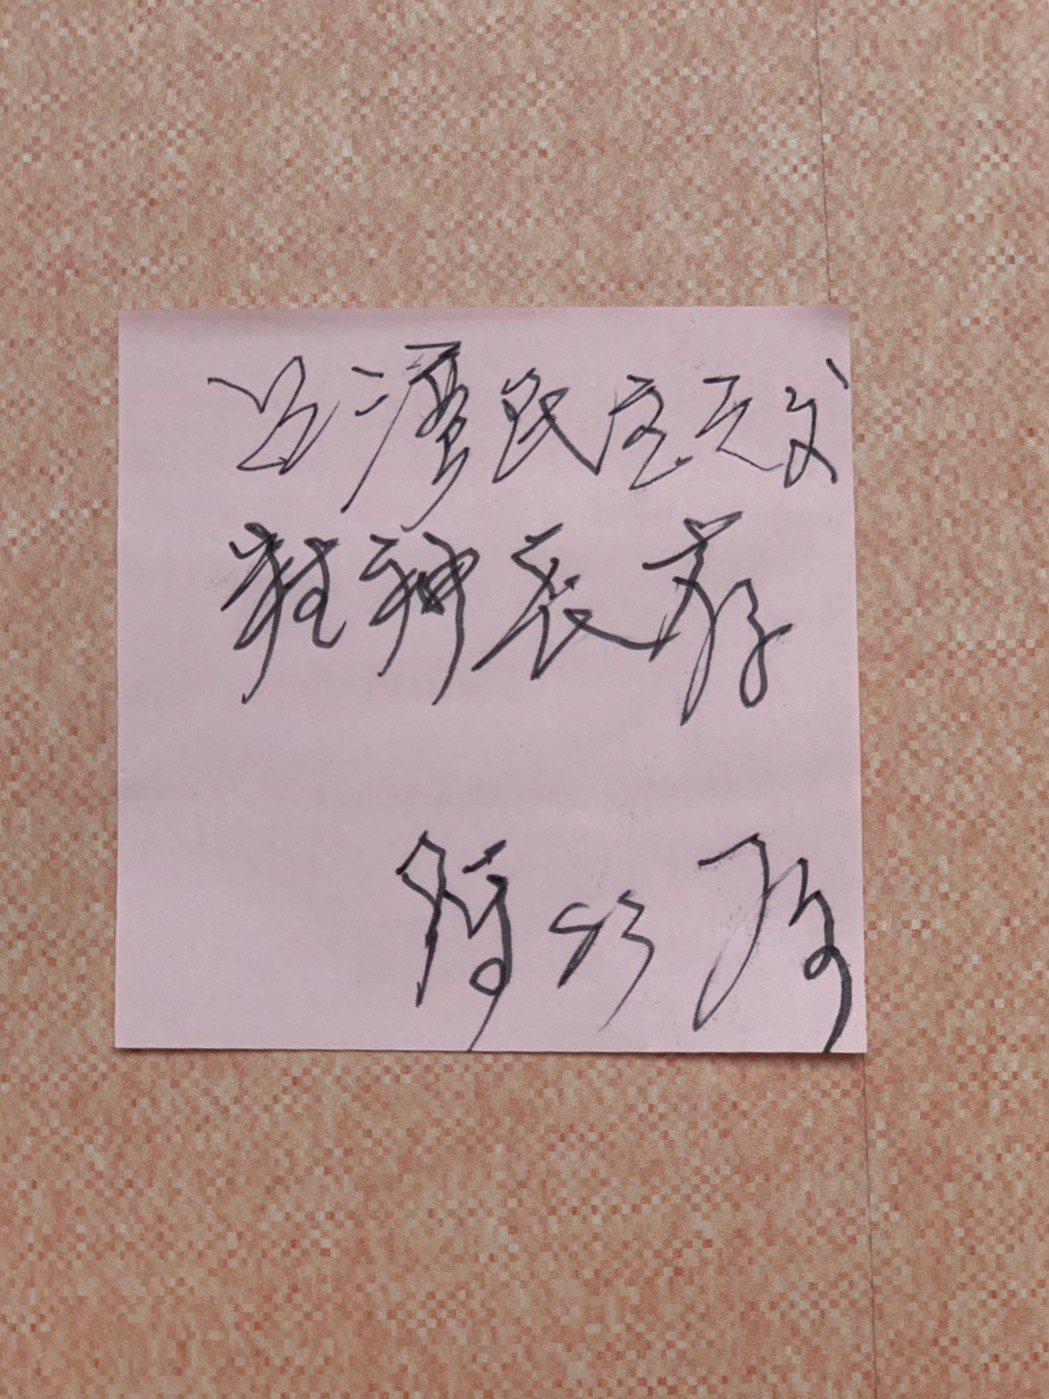 前總統陳水扁追思李登輝,留下「台灣民主之父、精神長存」紙條。圖/總統府提供